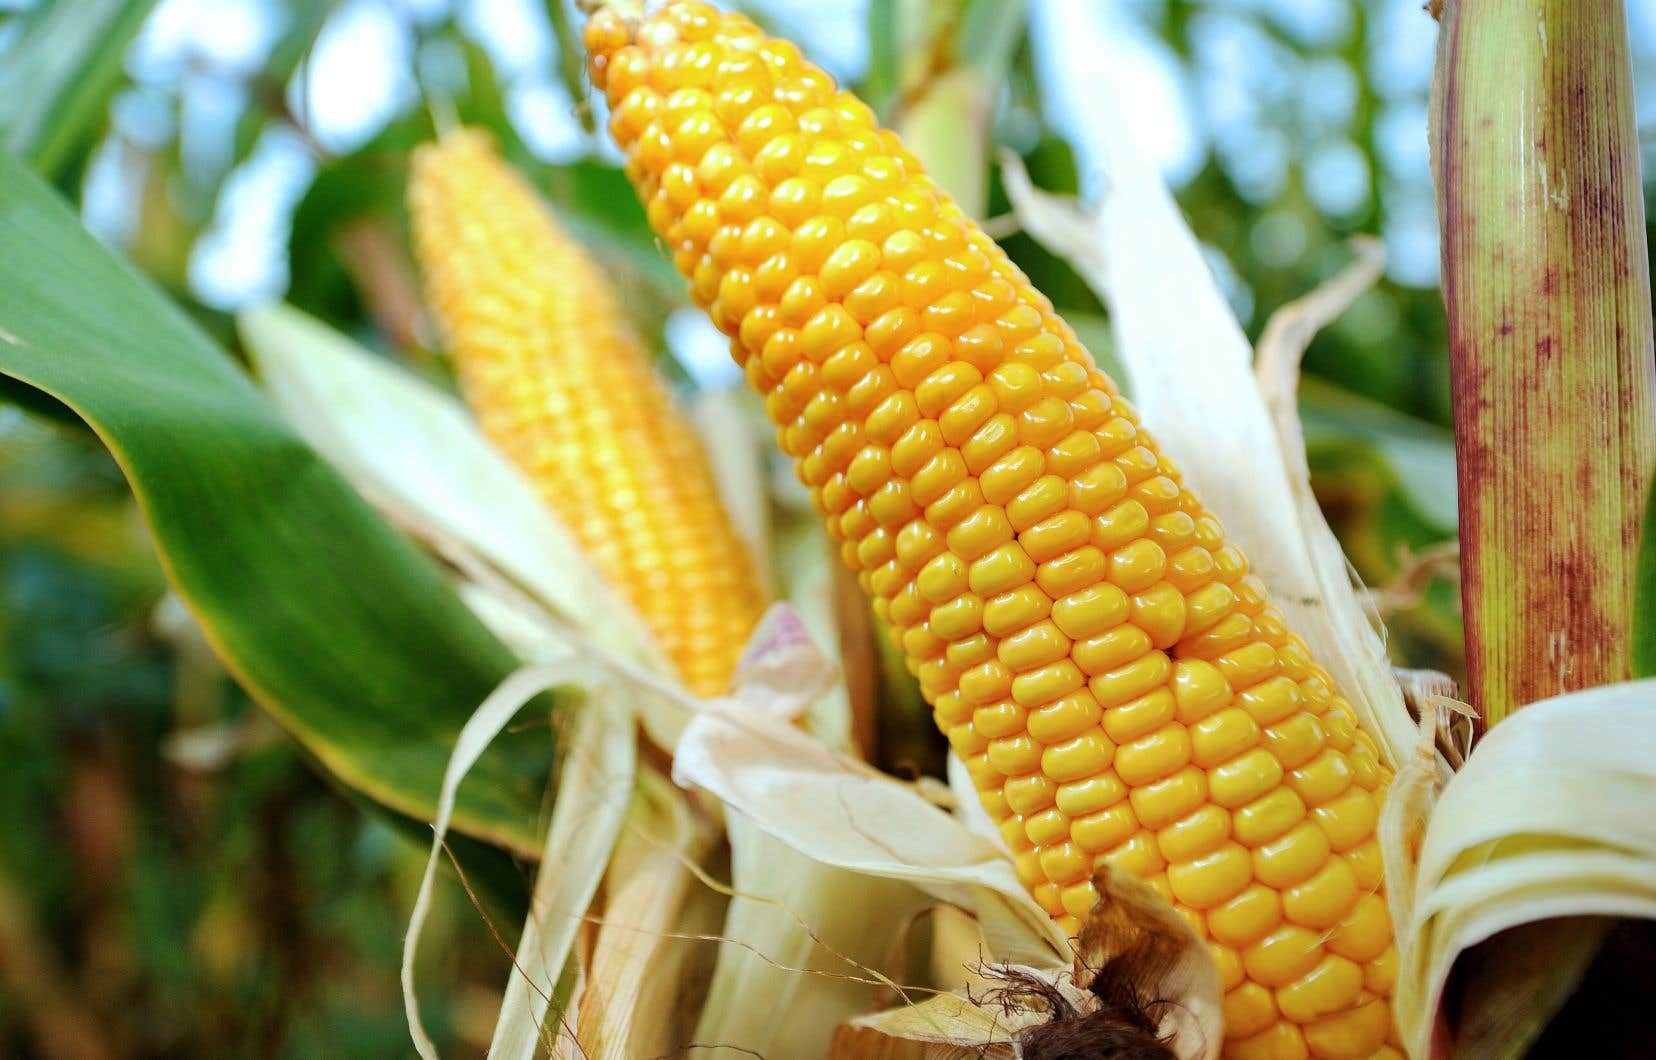 Le soutien de base pour le maïs et le soya, entre 2016 et 2018, aura été d'environ 47 $ par hectare au Québec, mais de 80 $ par hectare aux États-Unis, selon les prévisions actuelles.